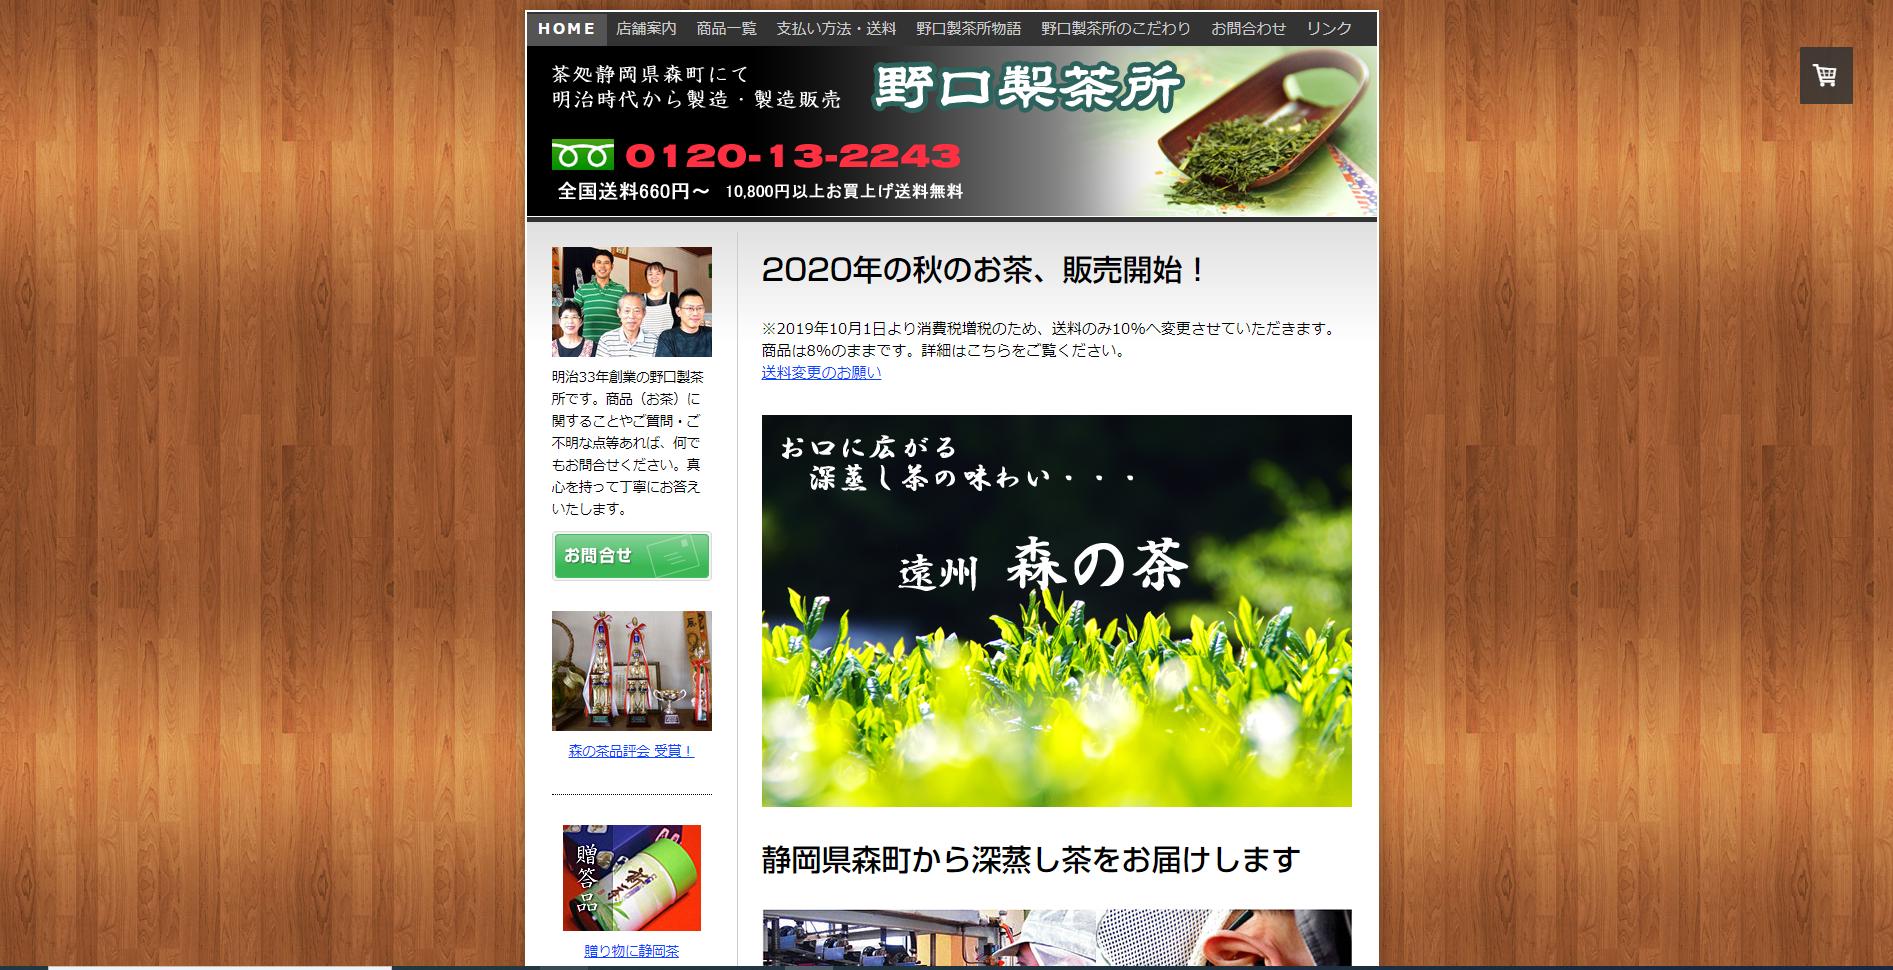 静岡森の茶【野口製茶所】製造・販売・通販